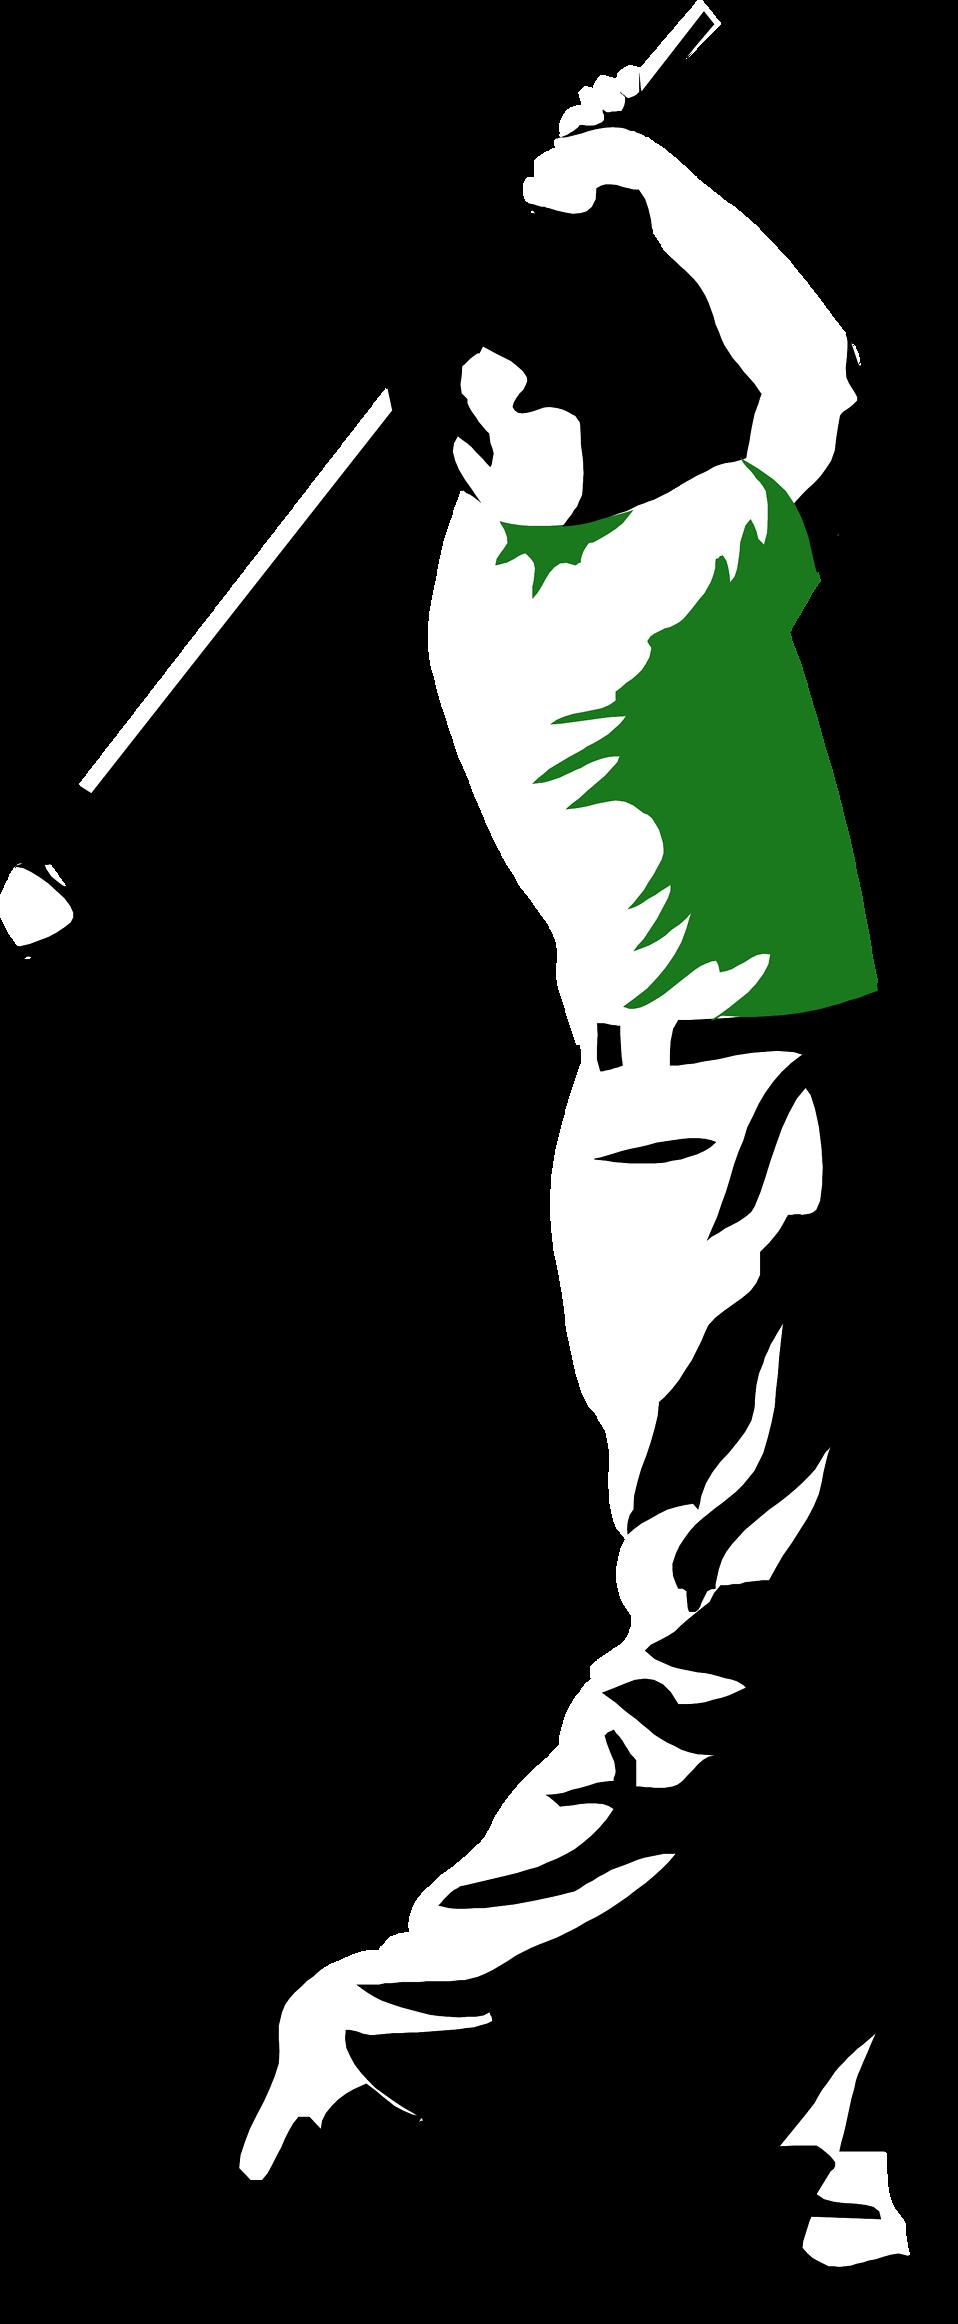 Golf Course clipart golfer Clipart Sports Golf Golf ~